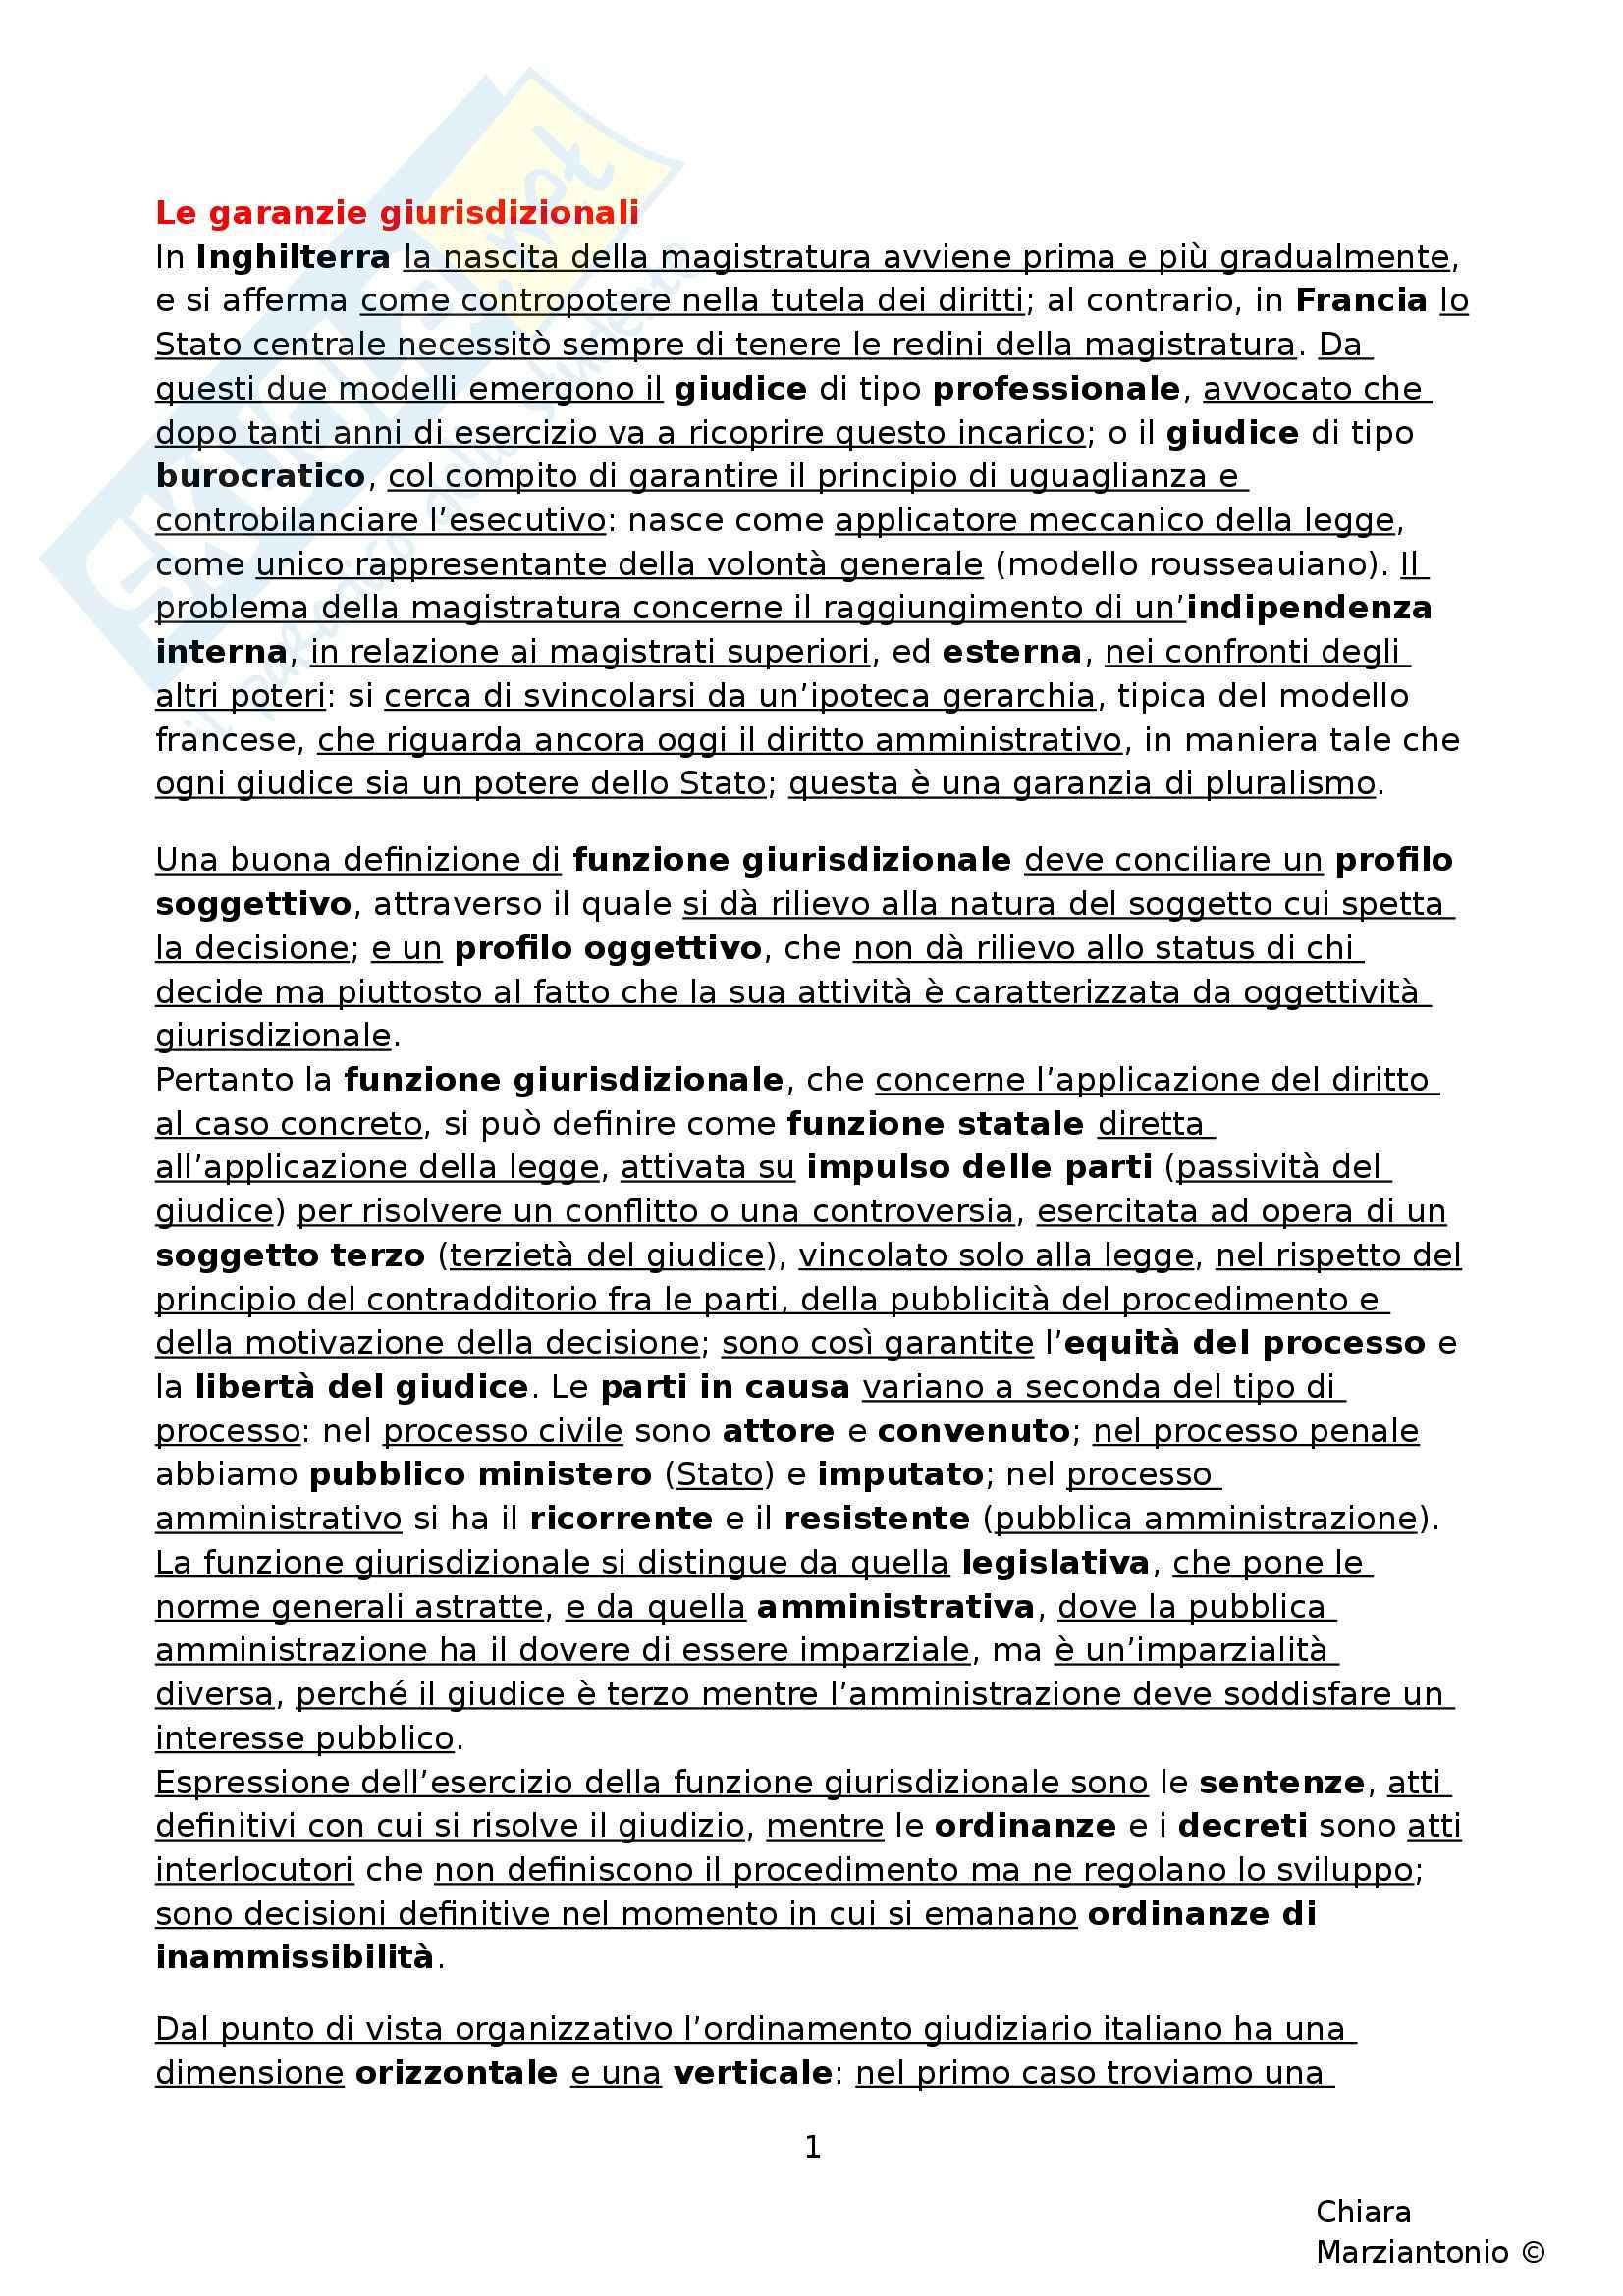 Riassunto esame Istituzioni di Diritto Pubblico, prof. Fusaro, libro consigliato Corso di Diritto Pubblico, Barbera, Fusaro - cap. 14